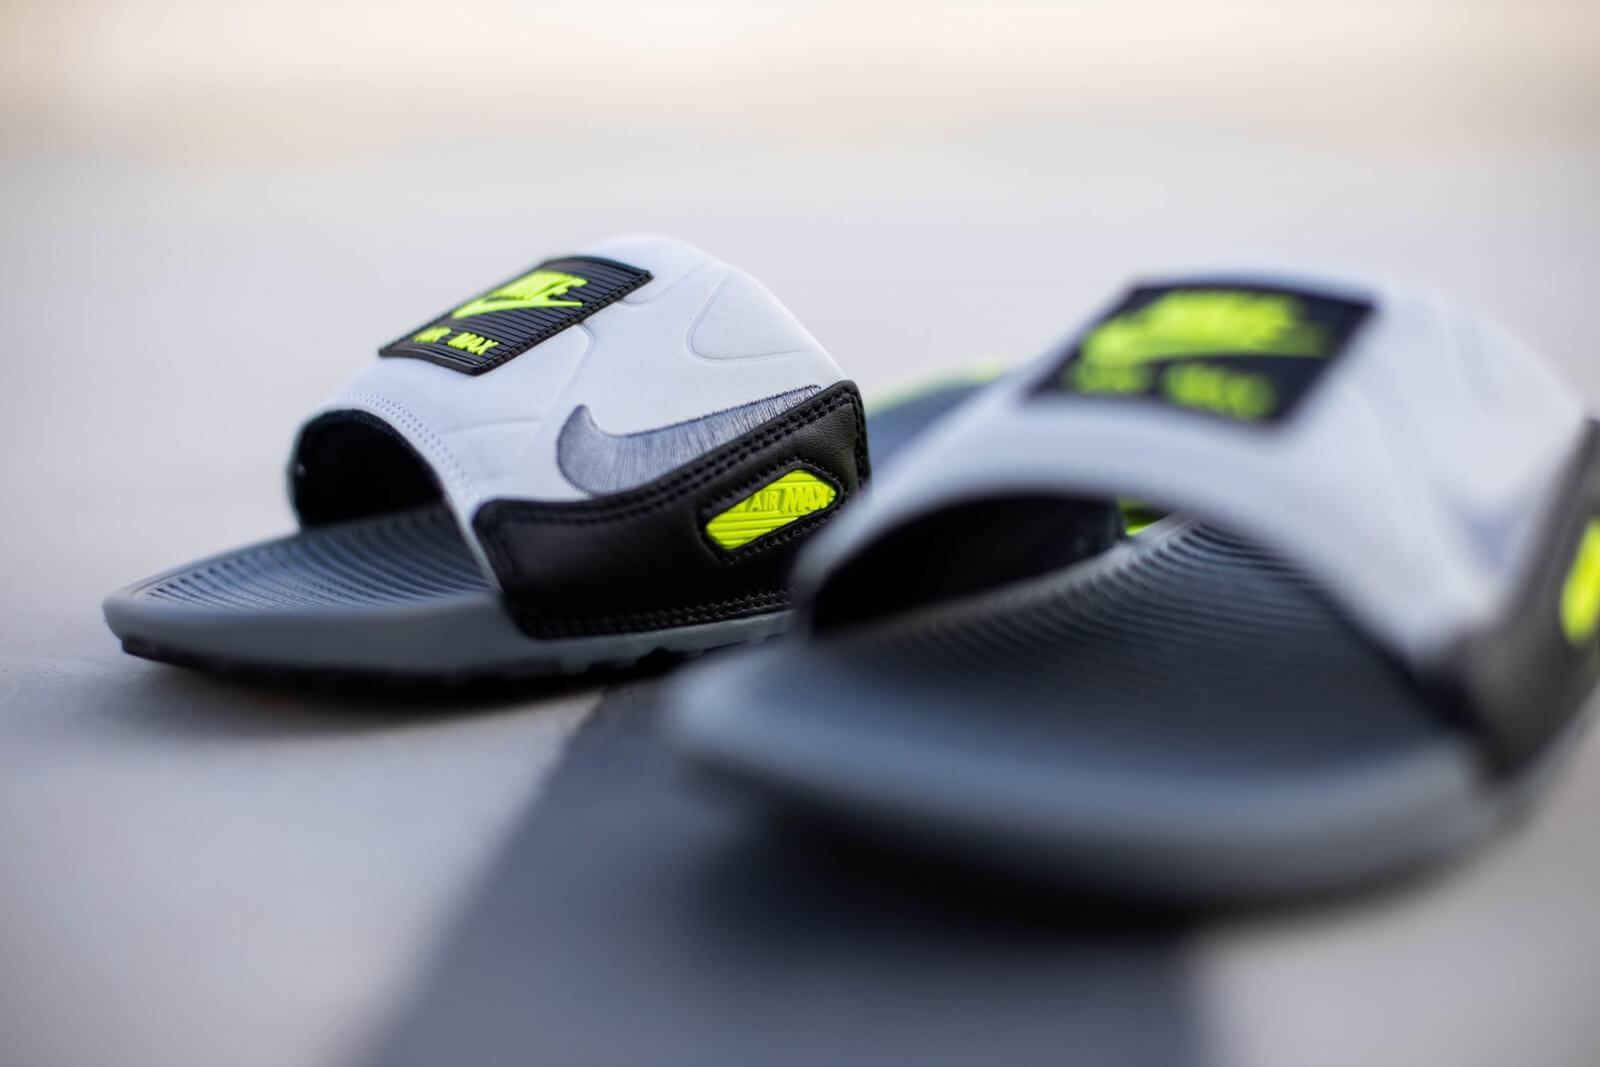 Nike Air Max 90 Slide Smoke GreyVolt Black BQ4635 001